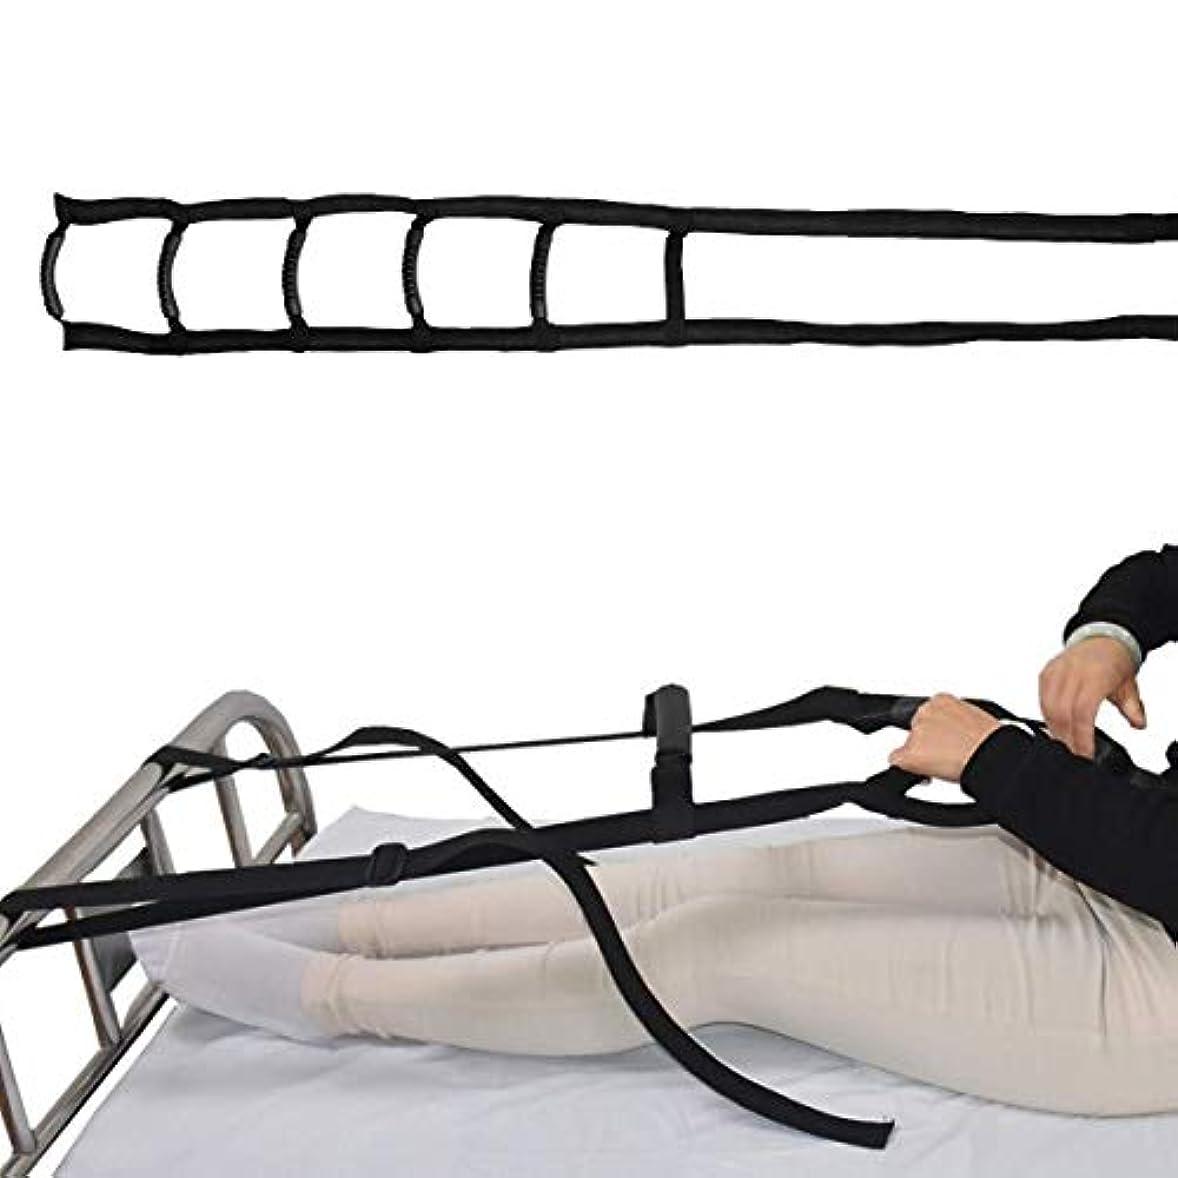 初心者下に向けます肝ベッド安全ラダーアシスタントストラップ、ベッドサポートアシストロープのパッド入りシットアップ、高齢者/シニア/ハンディキャップ/負傷回復患者座位ヘルパー